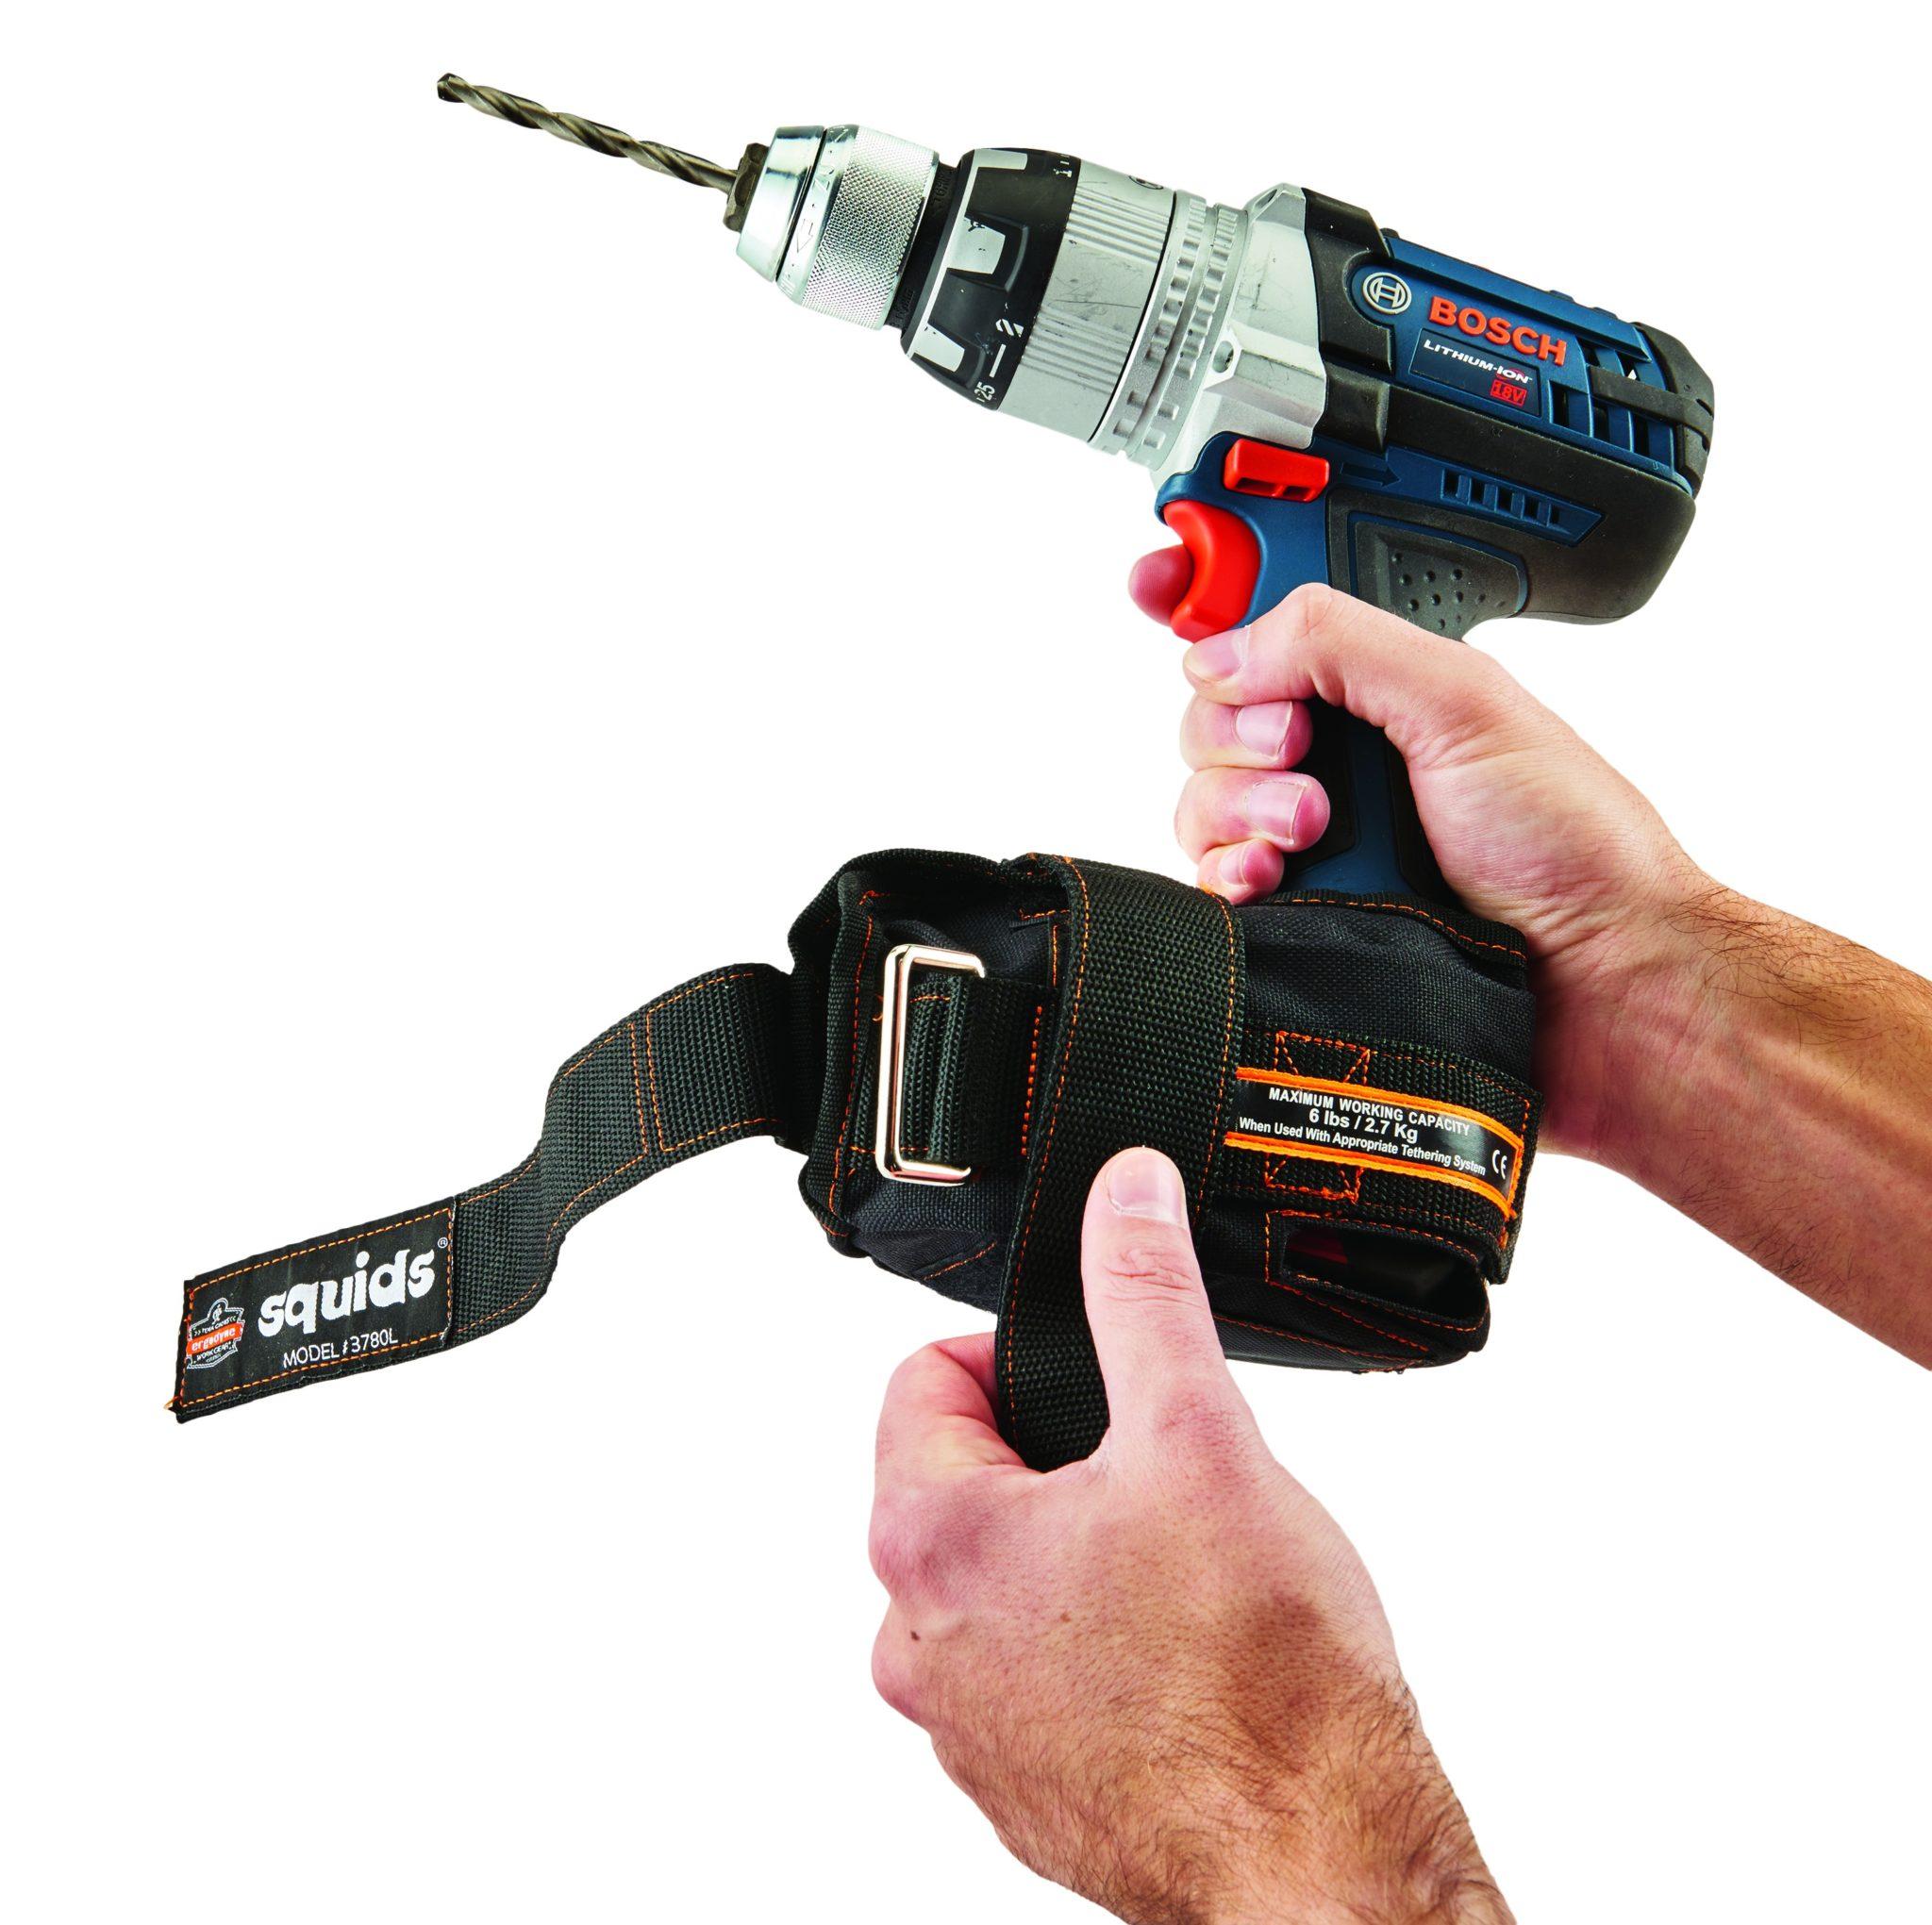 Amarre para herramientas eléctricas